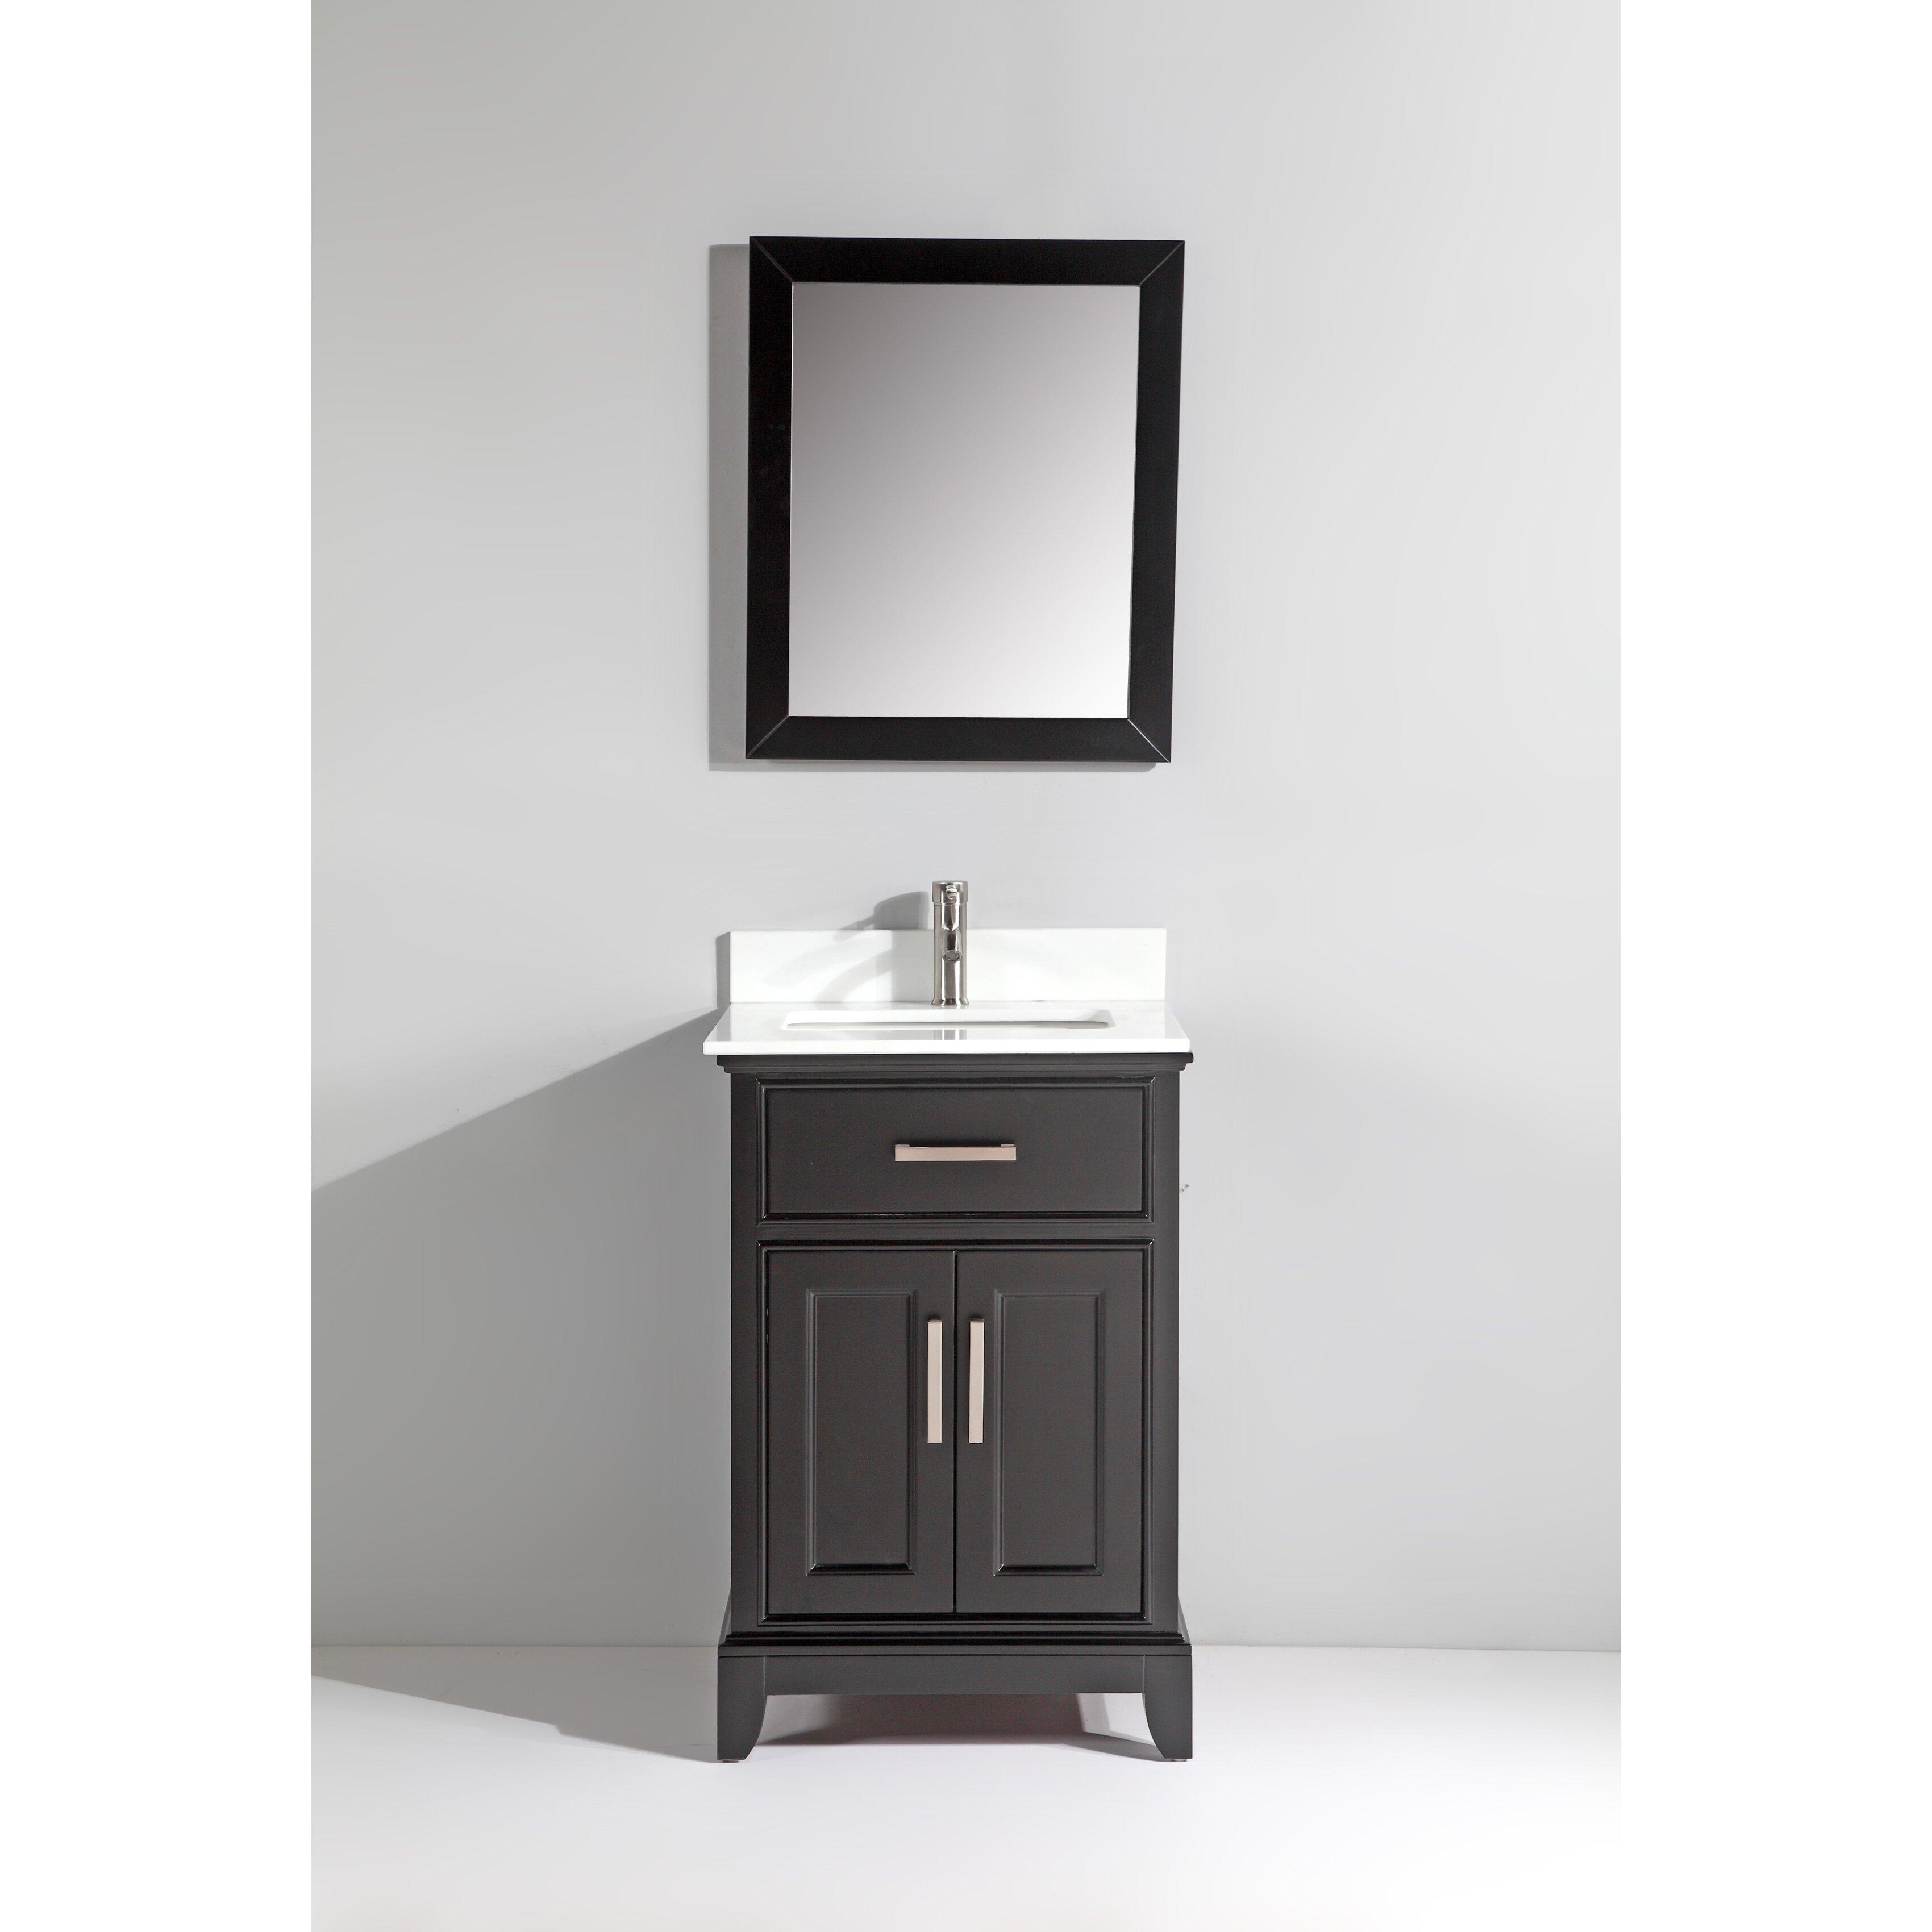 Vanity art 24 single bathroom vanity set with mirror for Bathroom vanity drawings